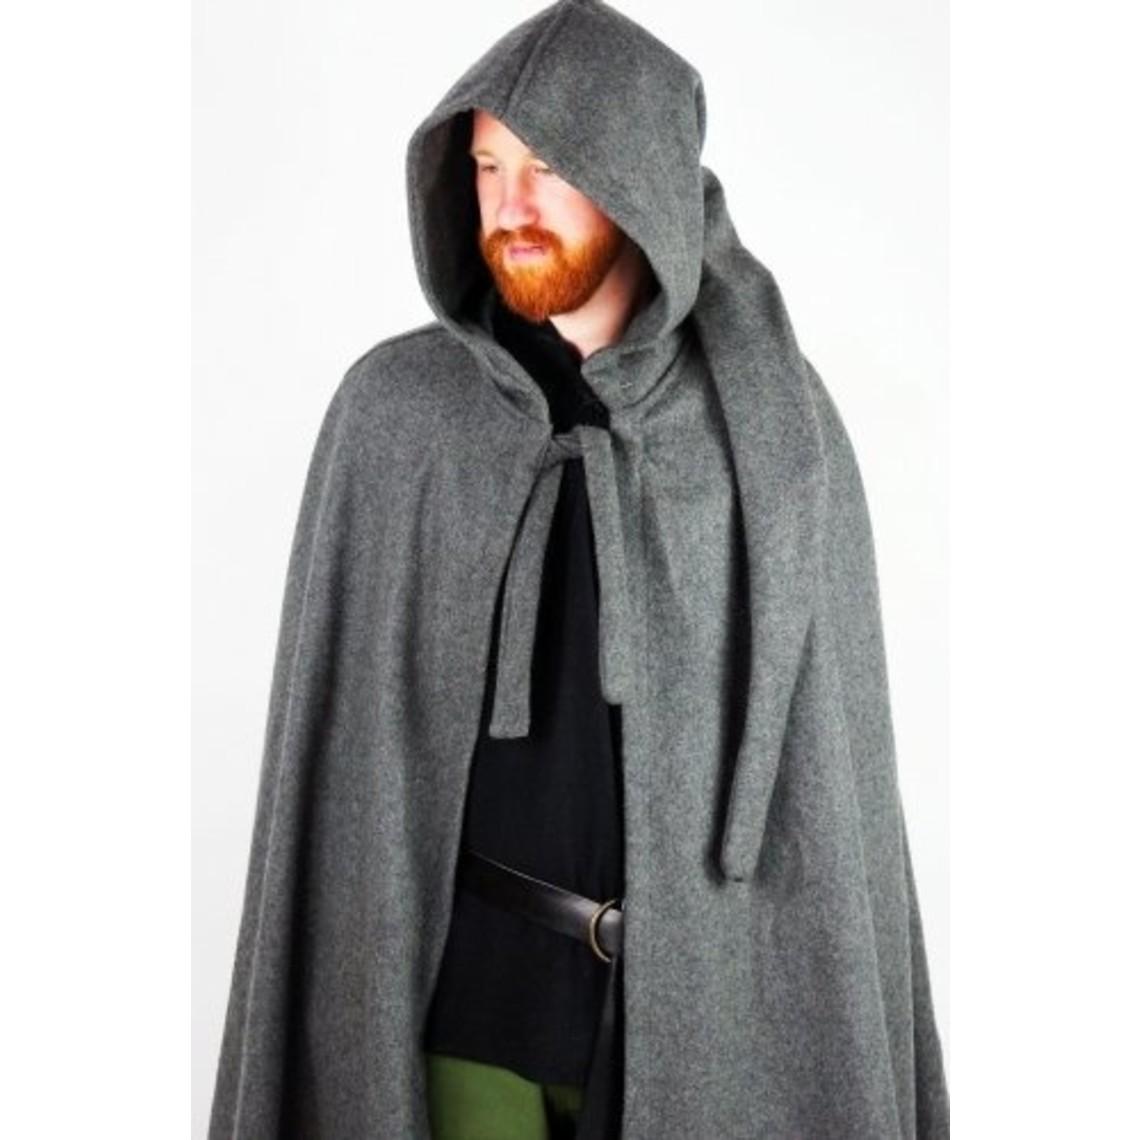 Leonardo Carbone Middeleeuwse mantel met kap, groen